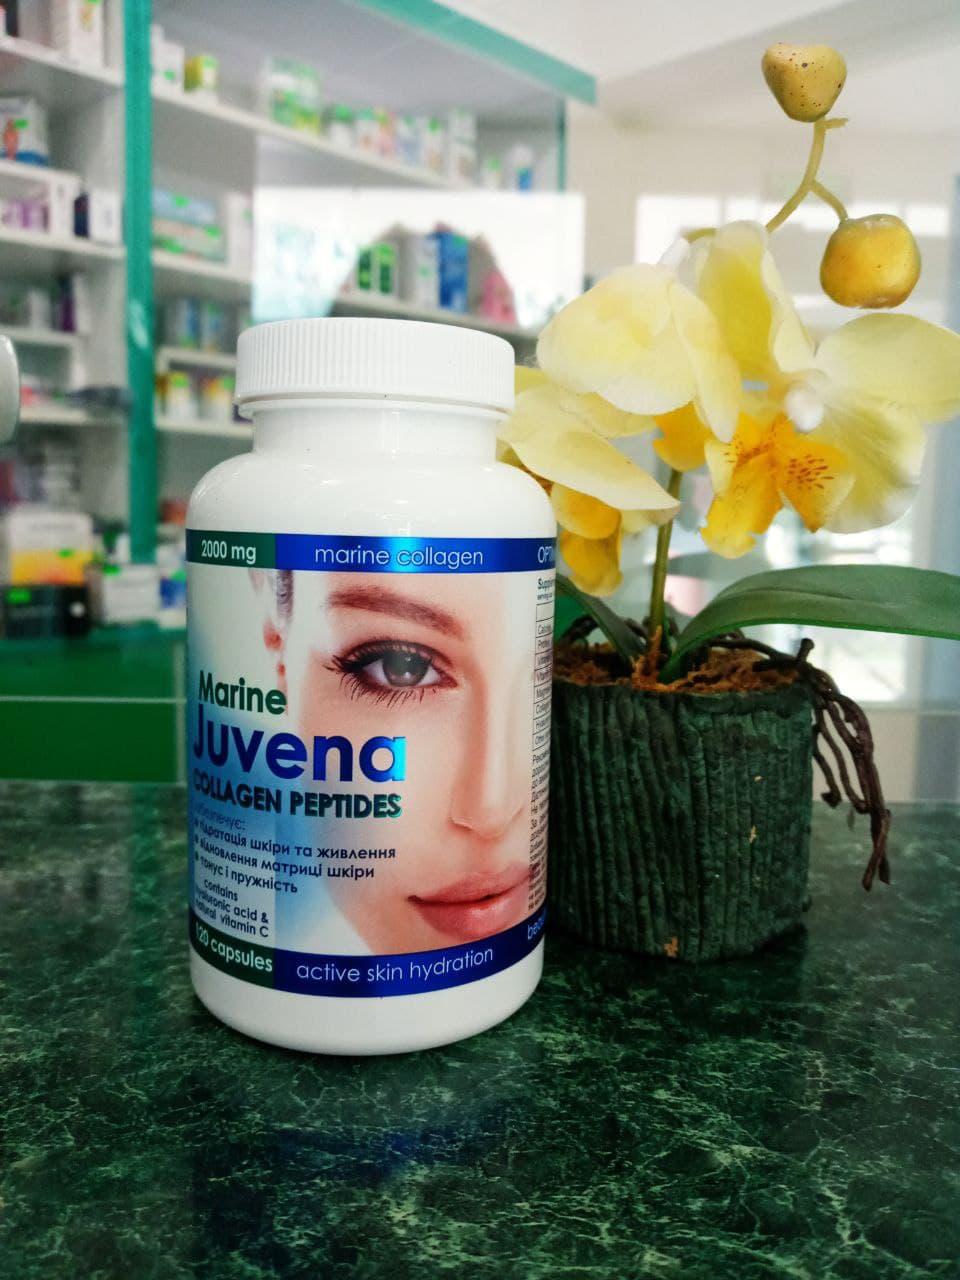 капсулы с морским коллагеном и гиалуроновой кислотой, обогащенные витамином С и магнием для поддержки тонусу кожи и синтеза эластина